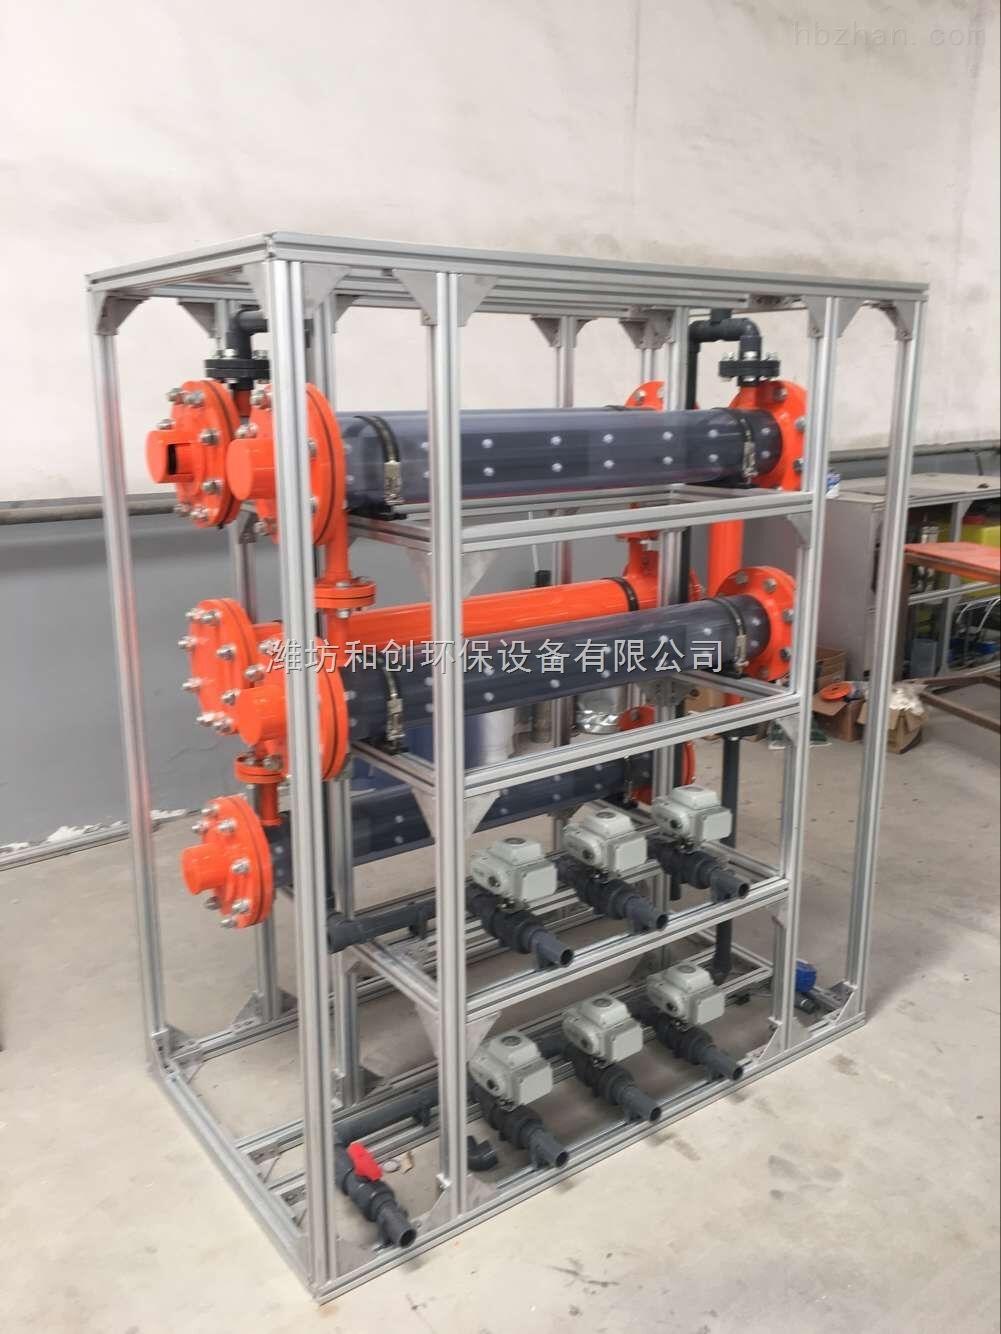 柳州区域销售电解次氯酸钠发生器生产厂